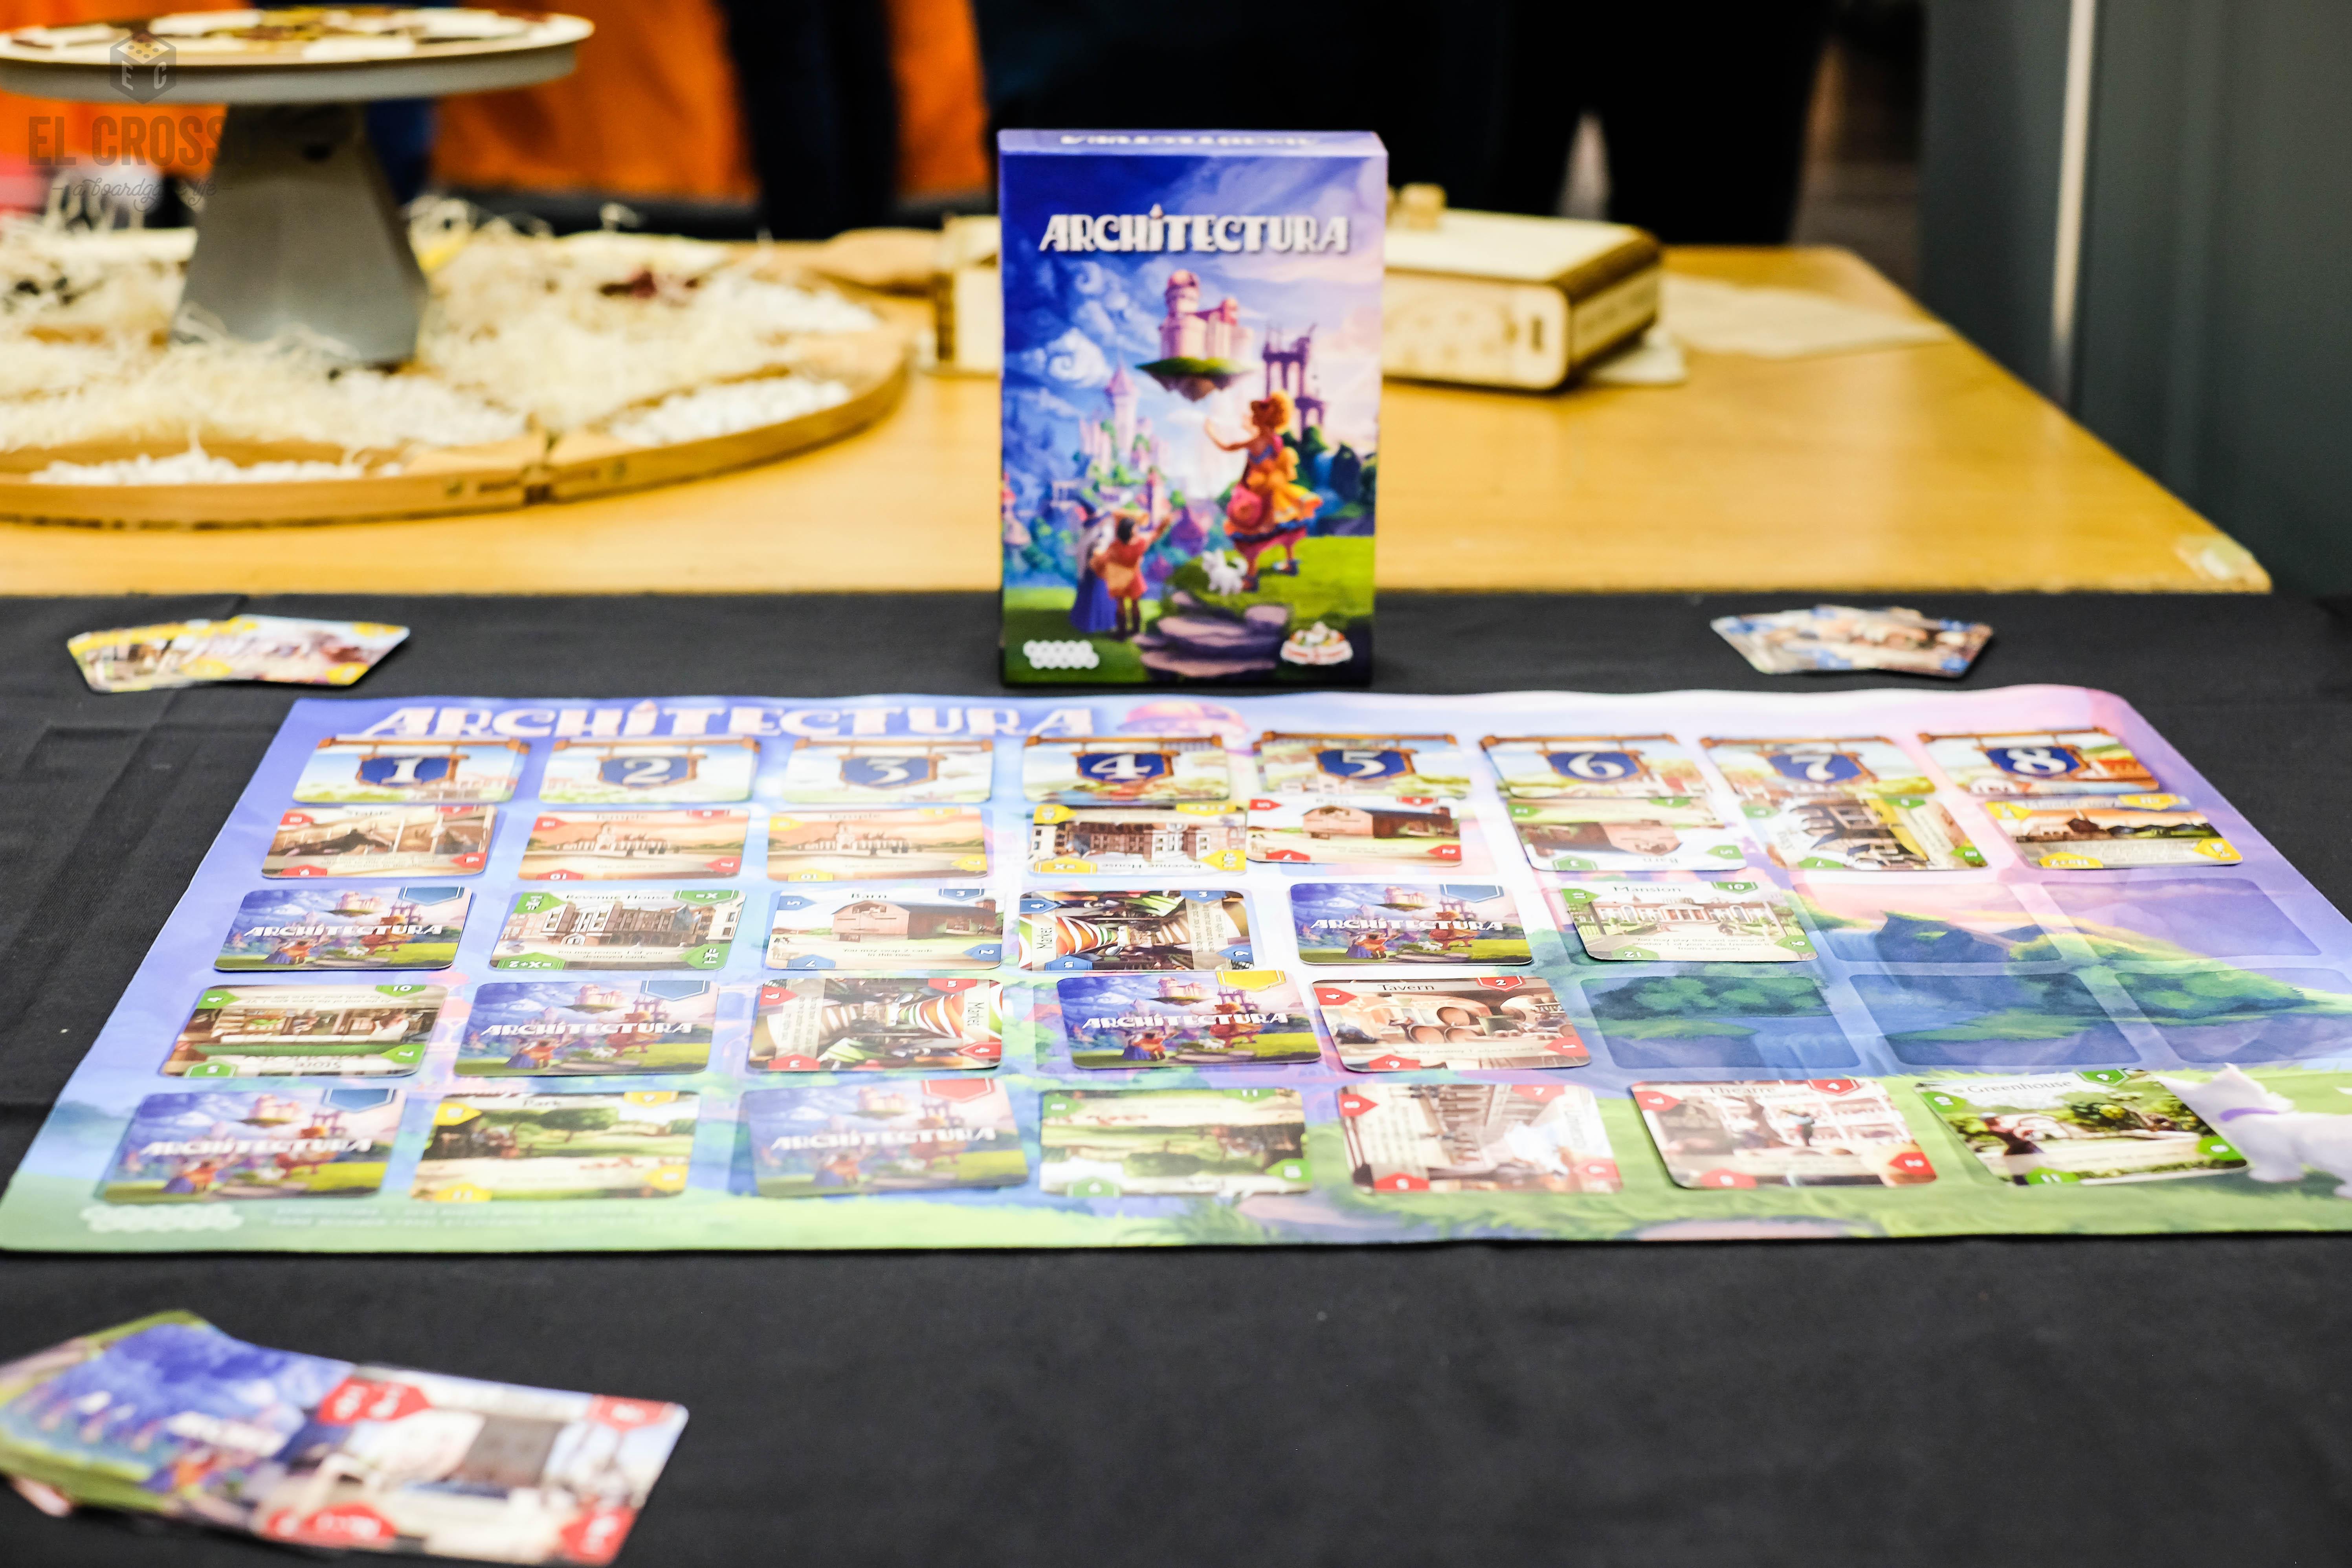 Spiel 2018 Architectura by Game Brewer